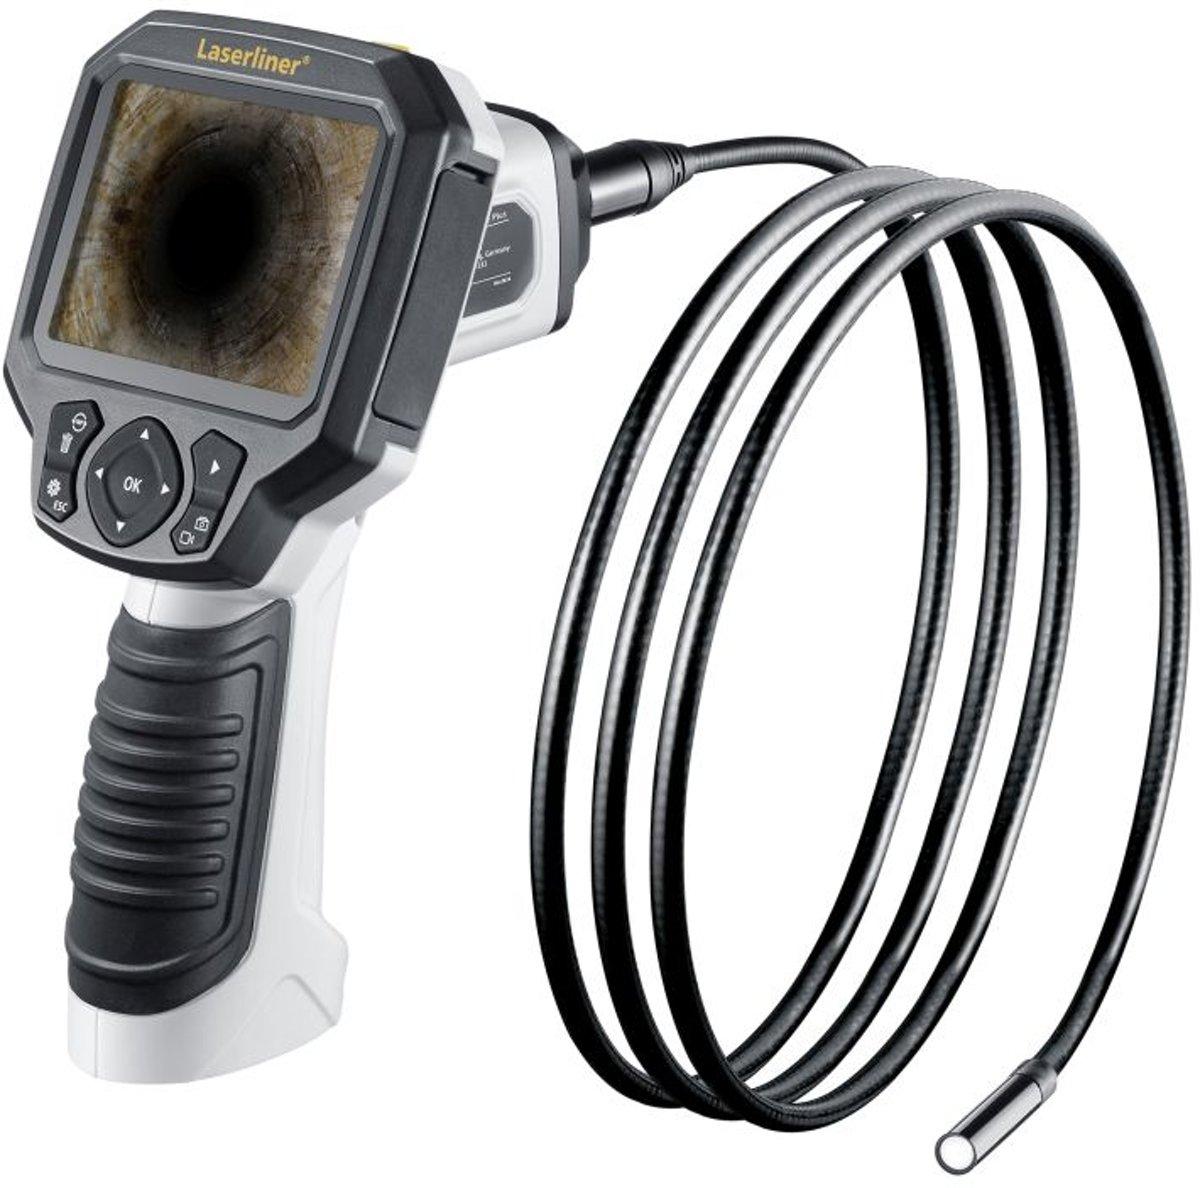 Laserliner 082.256A Endoscoop Sonde-?: 9 mm Sondelengte: 2 m Digitale zoom, LED-verlichting